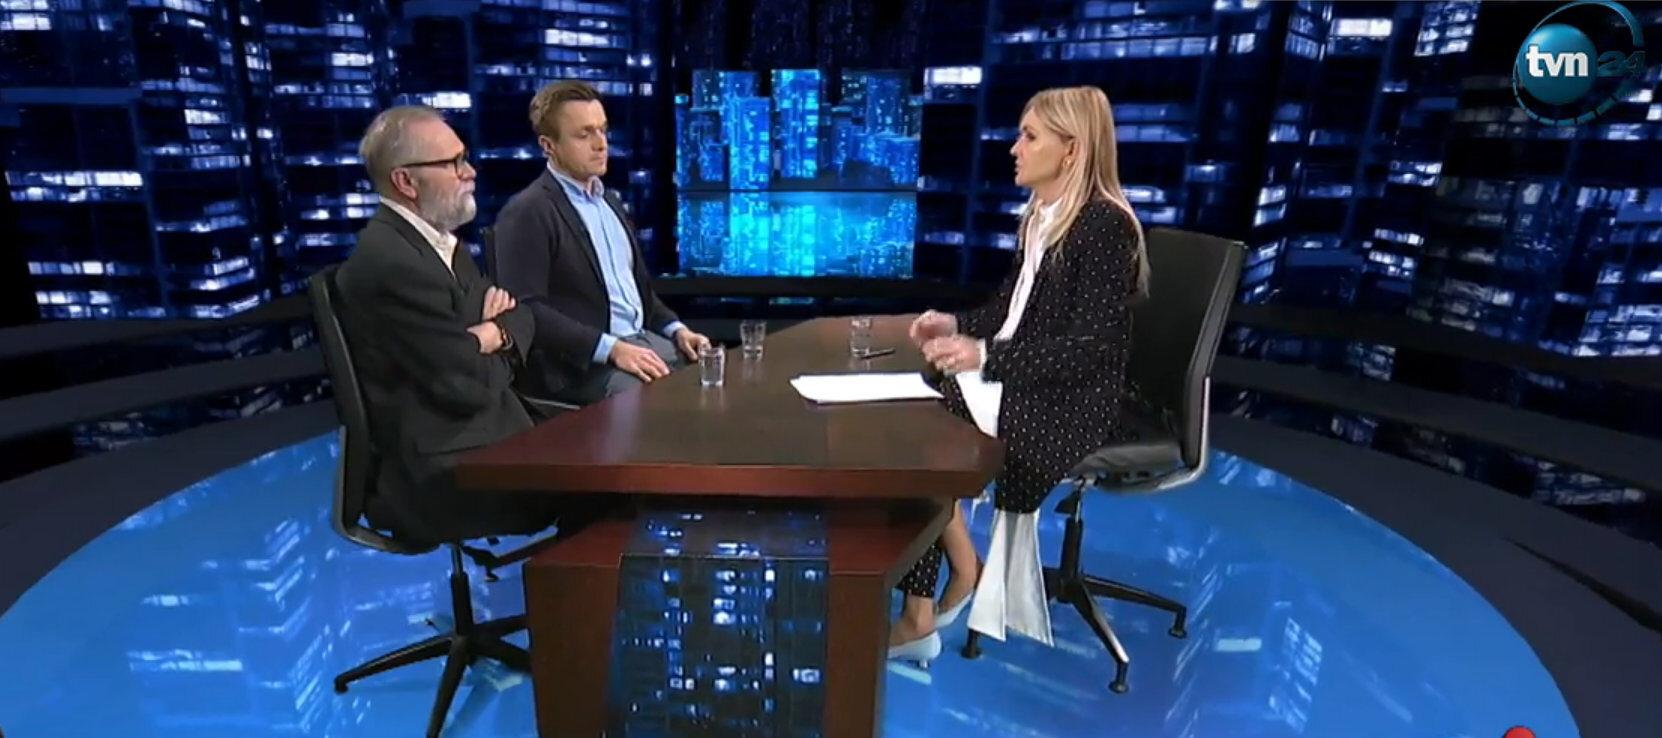 """Redaktor naczelny """"Liberte!"""" Leszek Jażdżewski komentował w studiu TVN24 kandydaturę dziennikarza i prezentera telewizyjnego Szymona Hołowni na prezydenta. Padły zaskakujące słowa."""